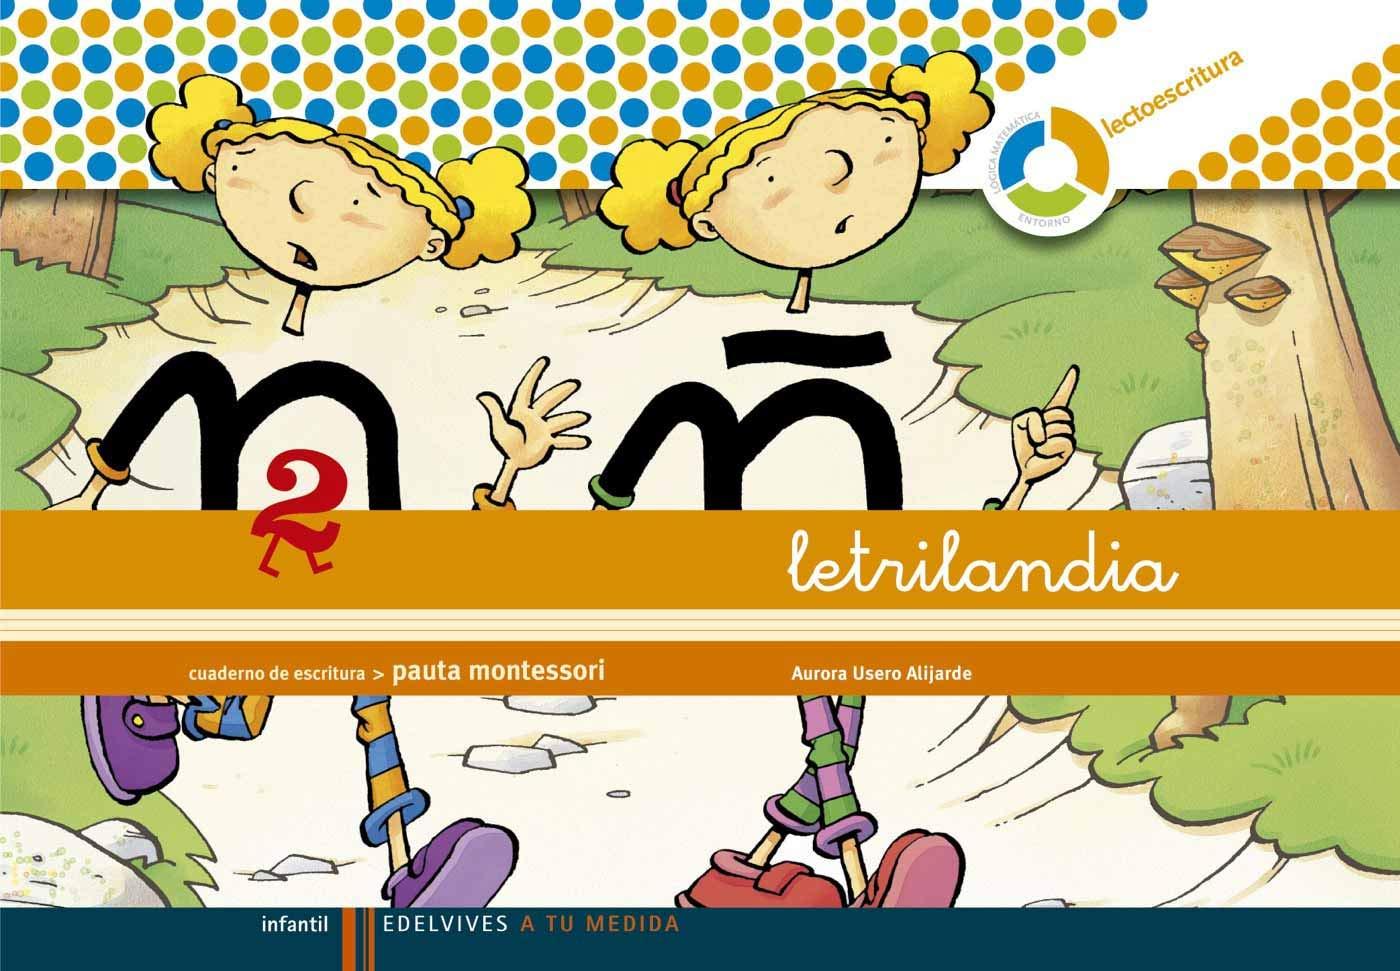 Letrilandia Lectoescritura Cuaderno 2 De Escritura Pauta Montessori A Tu Medida Entorno Lógica Matemática 9788426371409 Amazon Es Usero Alijarde Aurora Libros